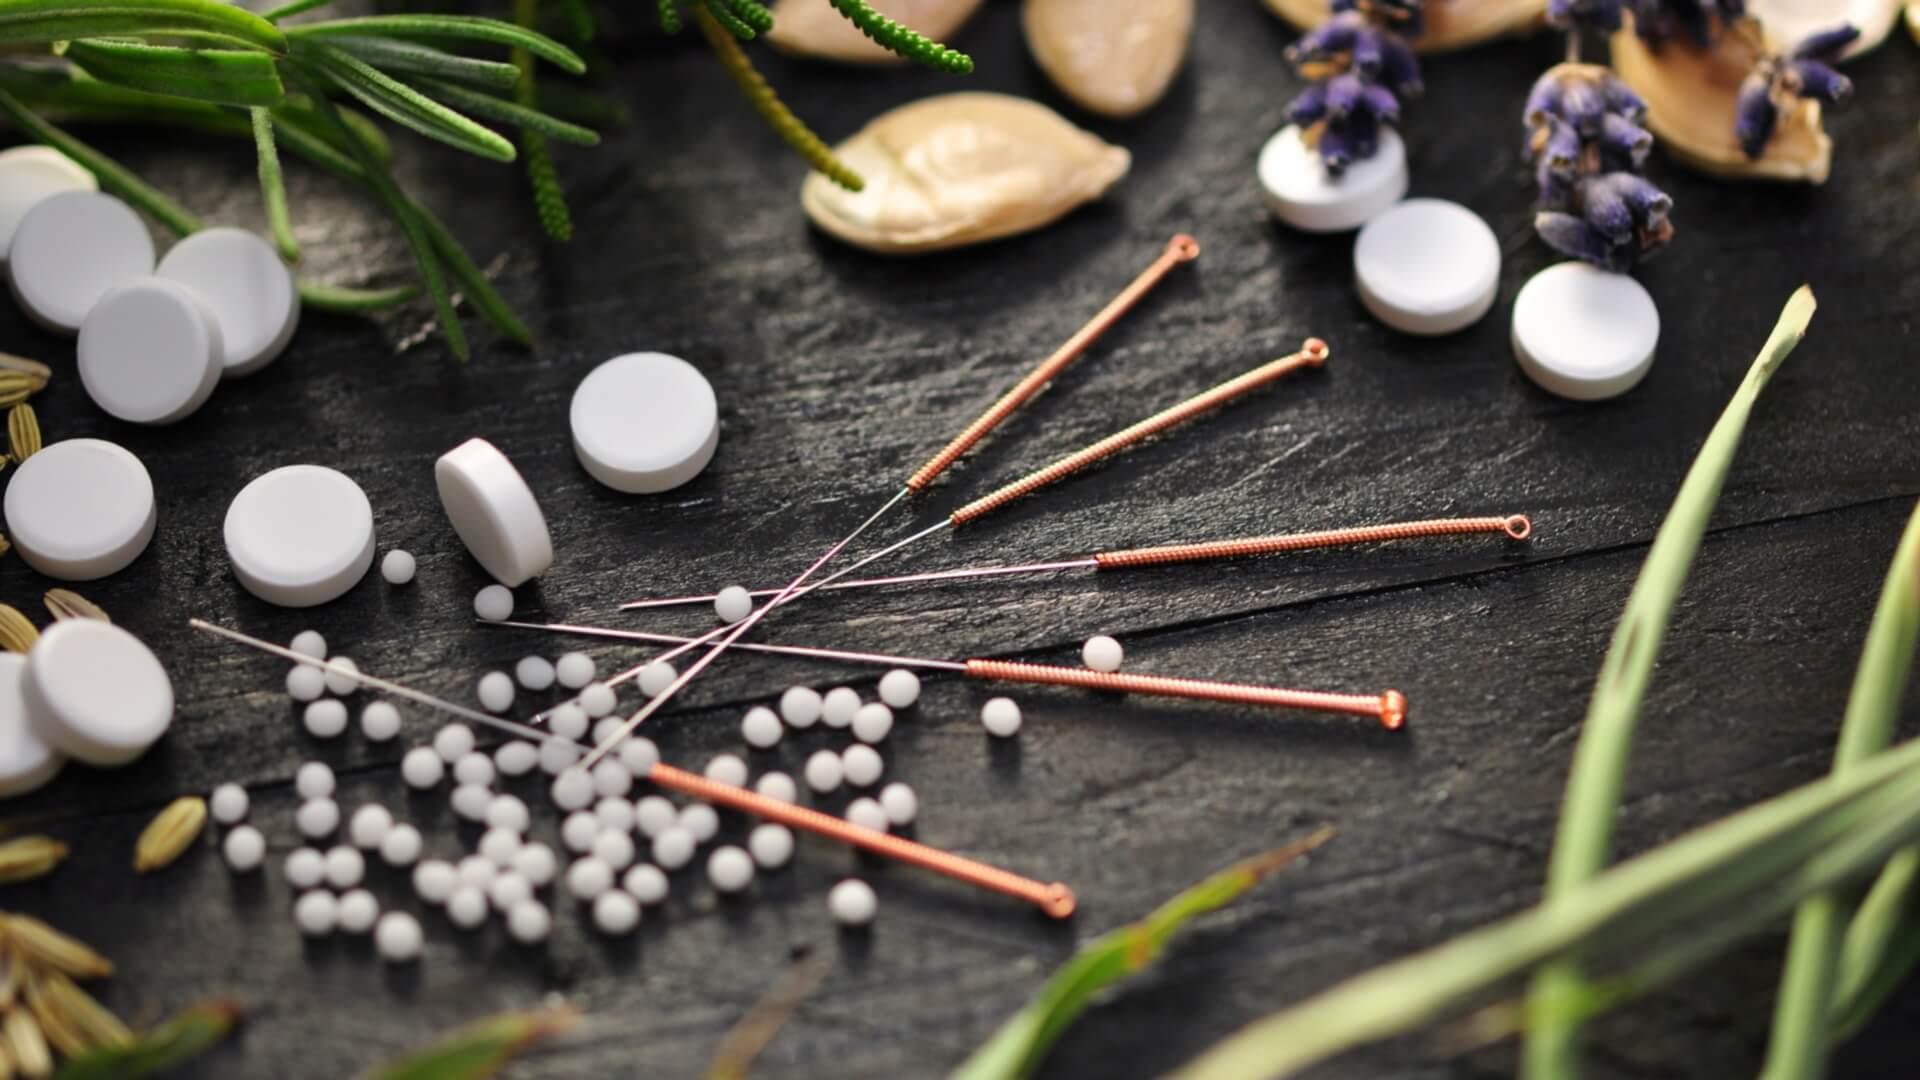 Acupuncture in alternative medicine